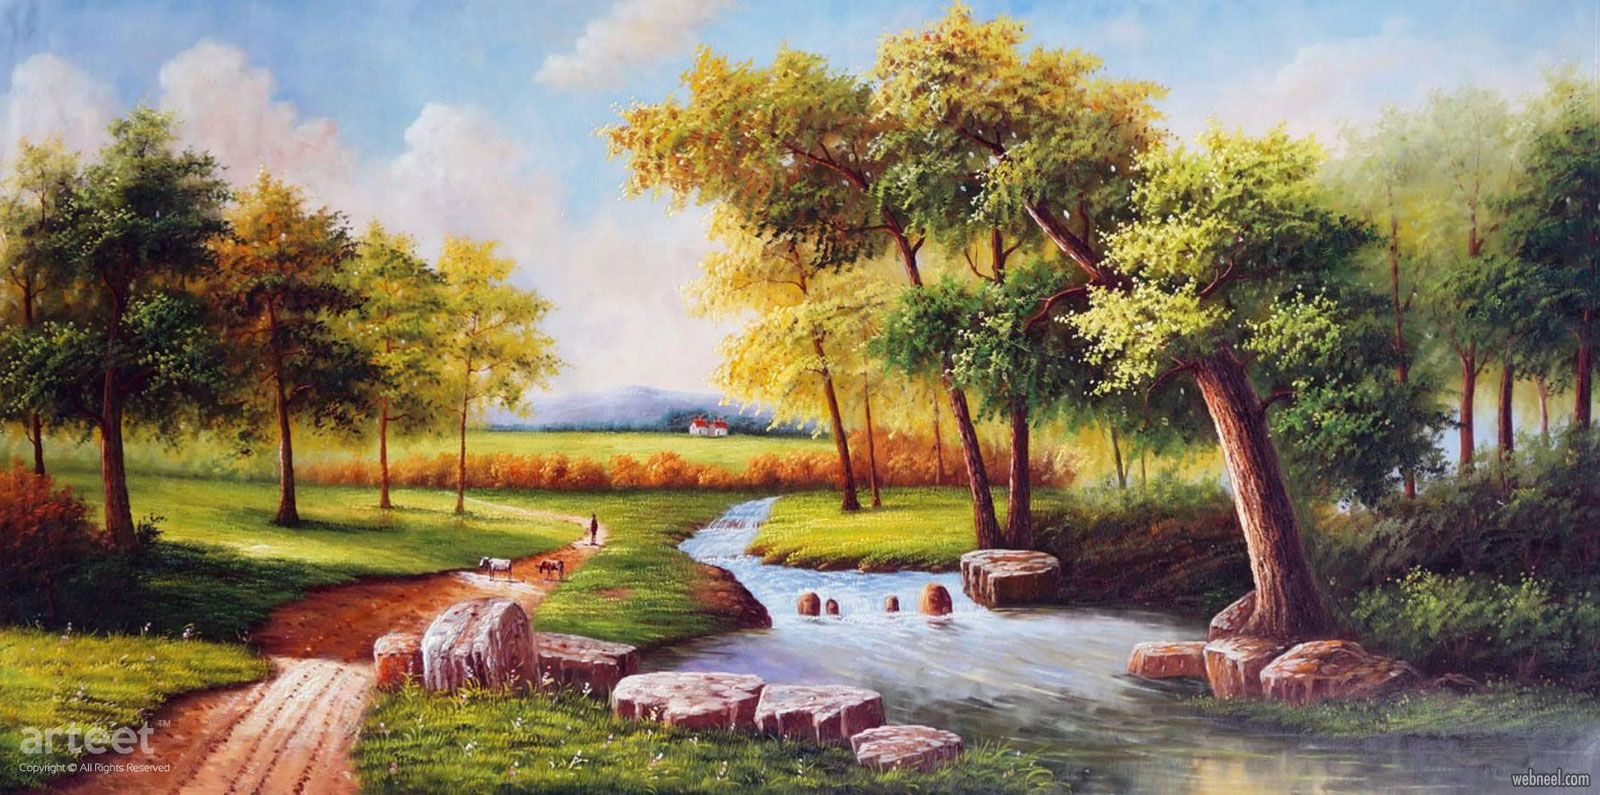 landscape artwork oil painting scenery by arteet